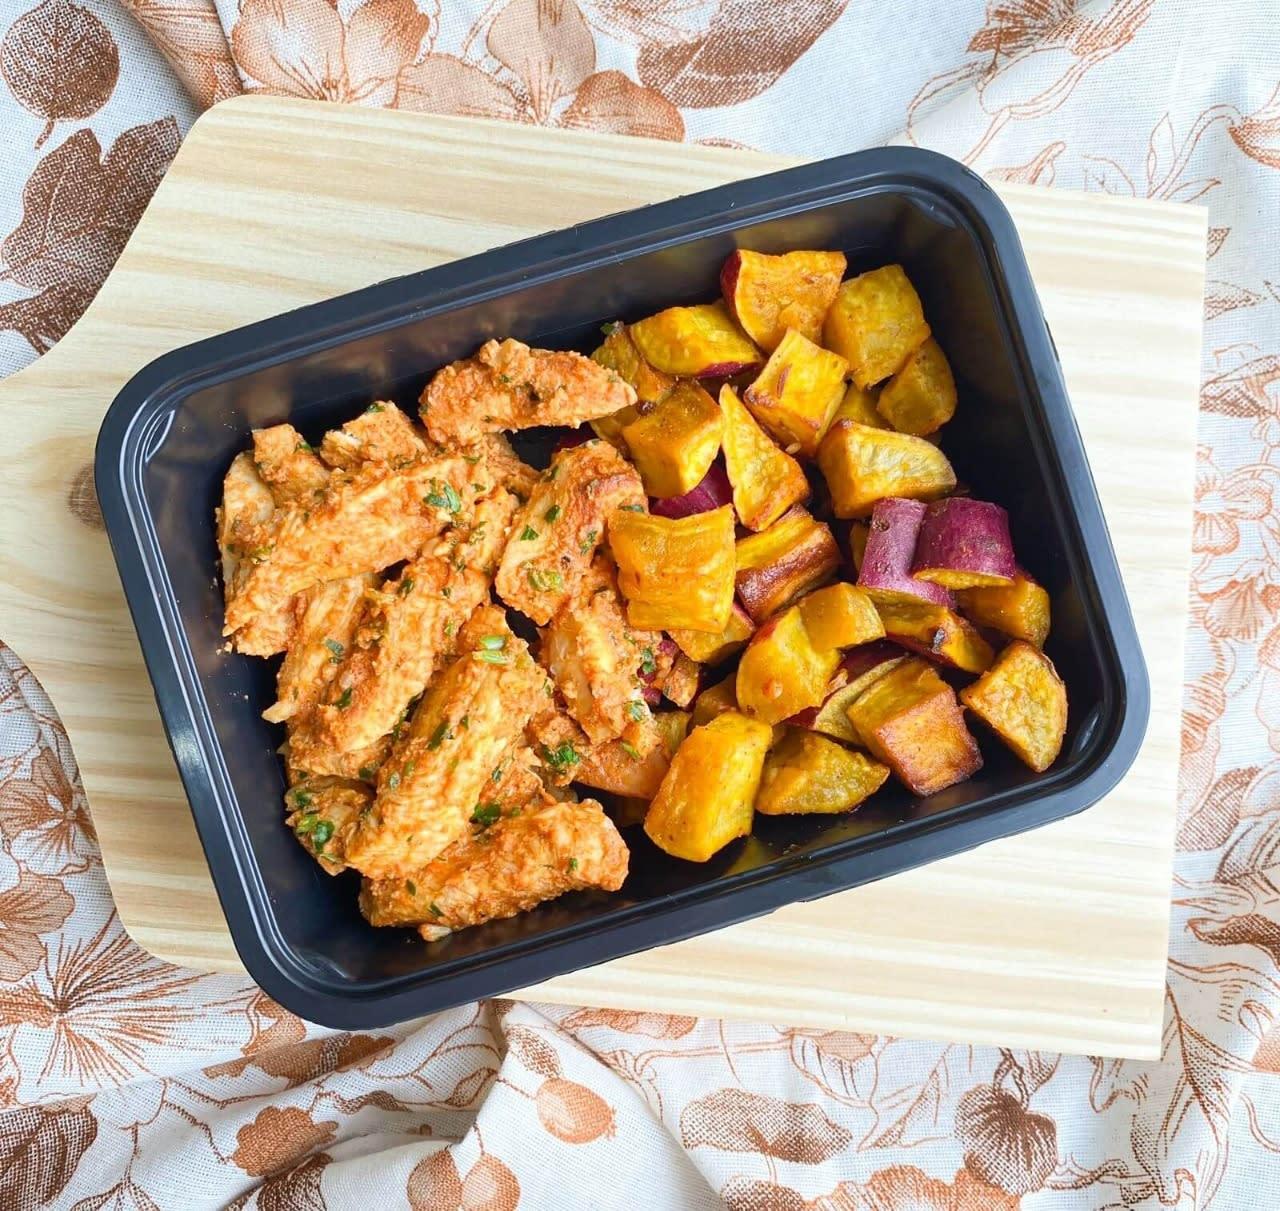 Iscas de frango com batata doce rústica - 300g - Vipx Gourmet